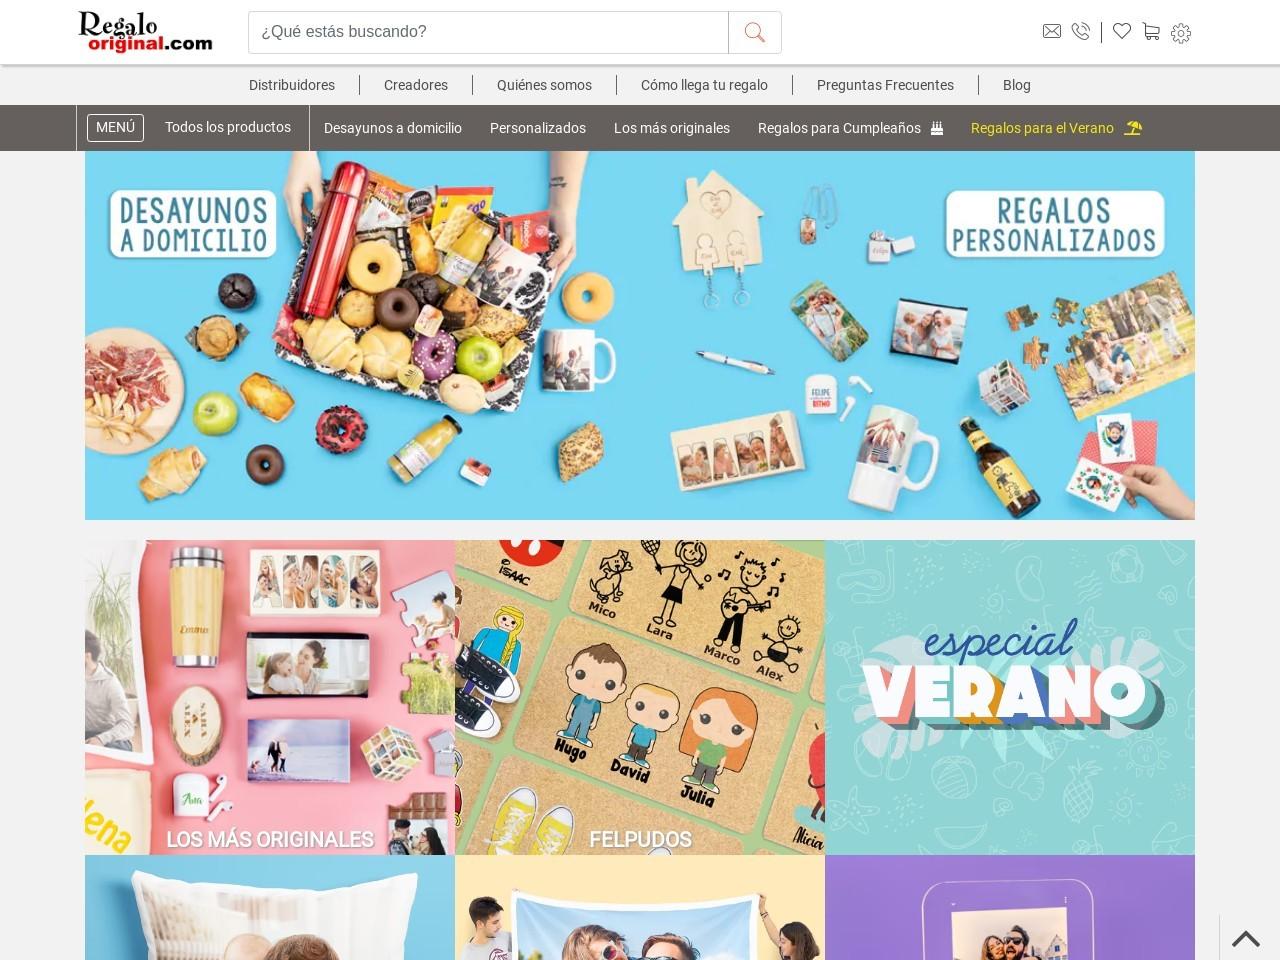 Captura de pantalla de www.regalooriginal.com